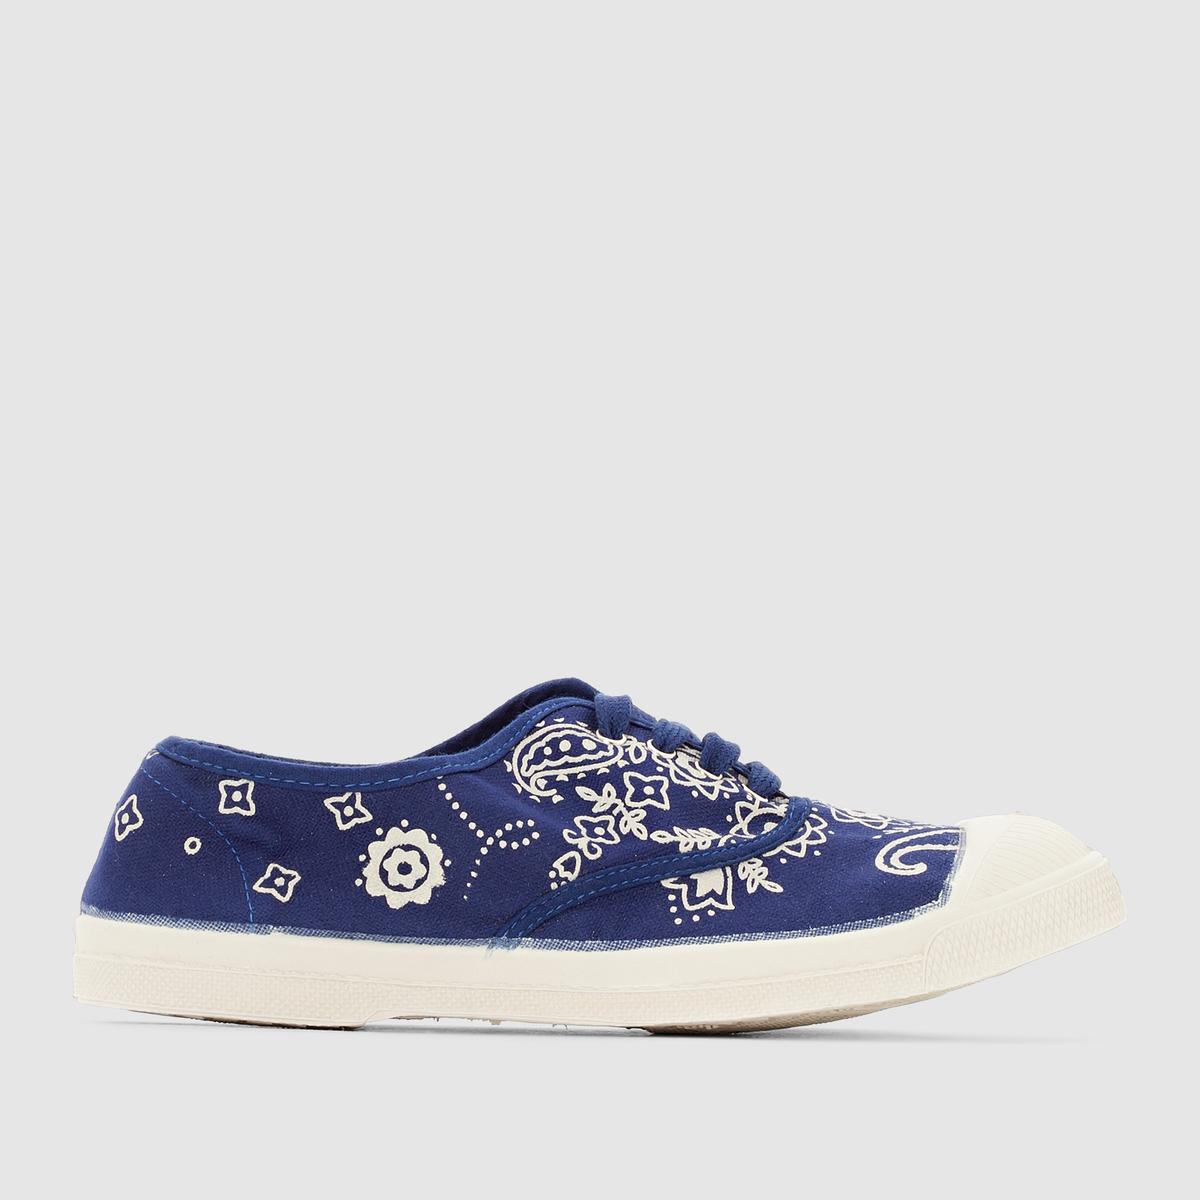 Кеды BandanaПреимущества : Кеды низкие от марки BENSIMON, из потрясающей ткани с декоративным контрастным узором на темно-синем фоне.<br><br>Цвет: темно-синий<br>Размер: 35